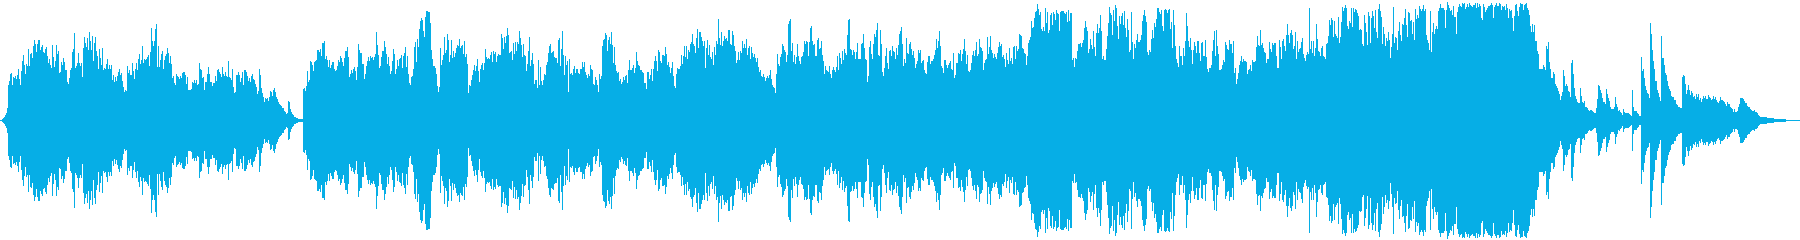 朝ドラ風 感動のオーケストラサウンド  の再生済みの波形